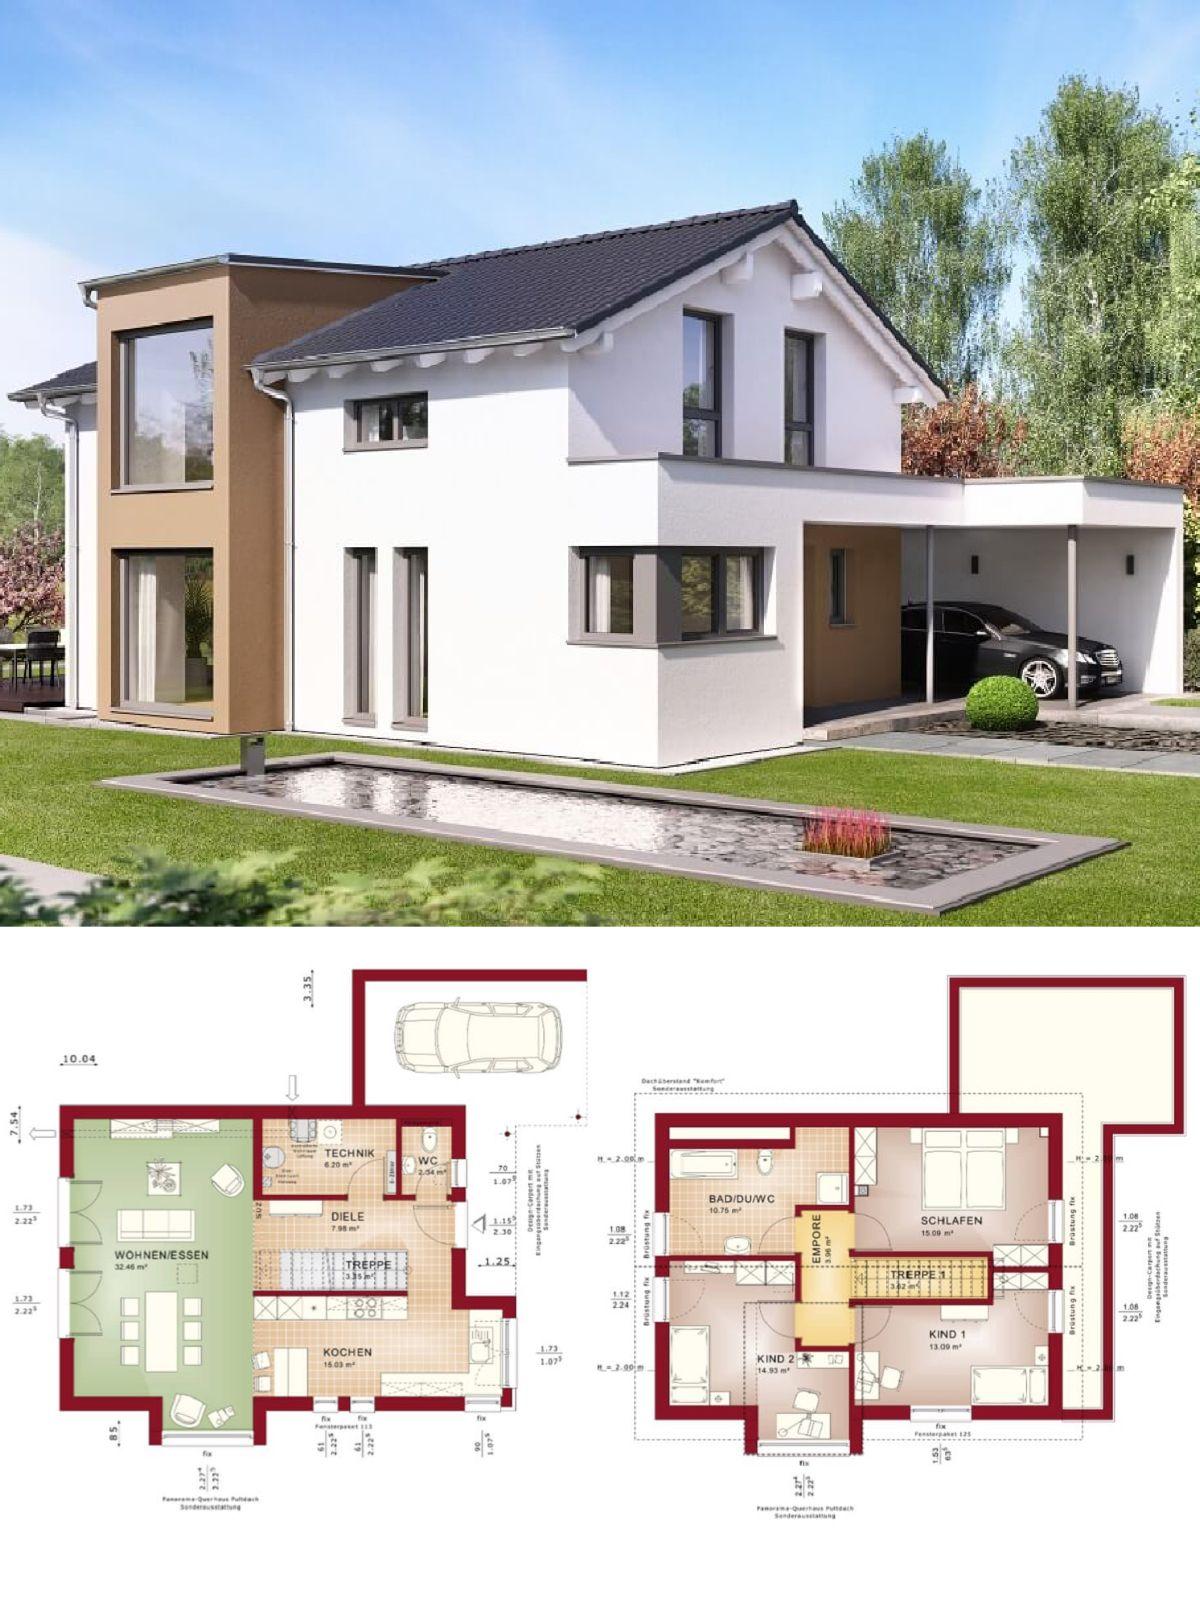 Einfamilienhaus modern mit satteldach architektur design carport haus bauen grundriss - Architektur einfamilienhaus modern ...